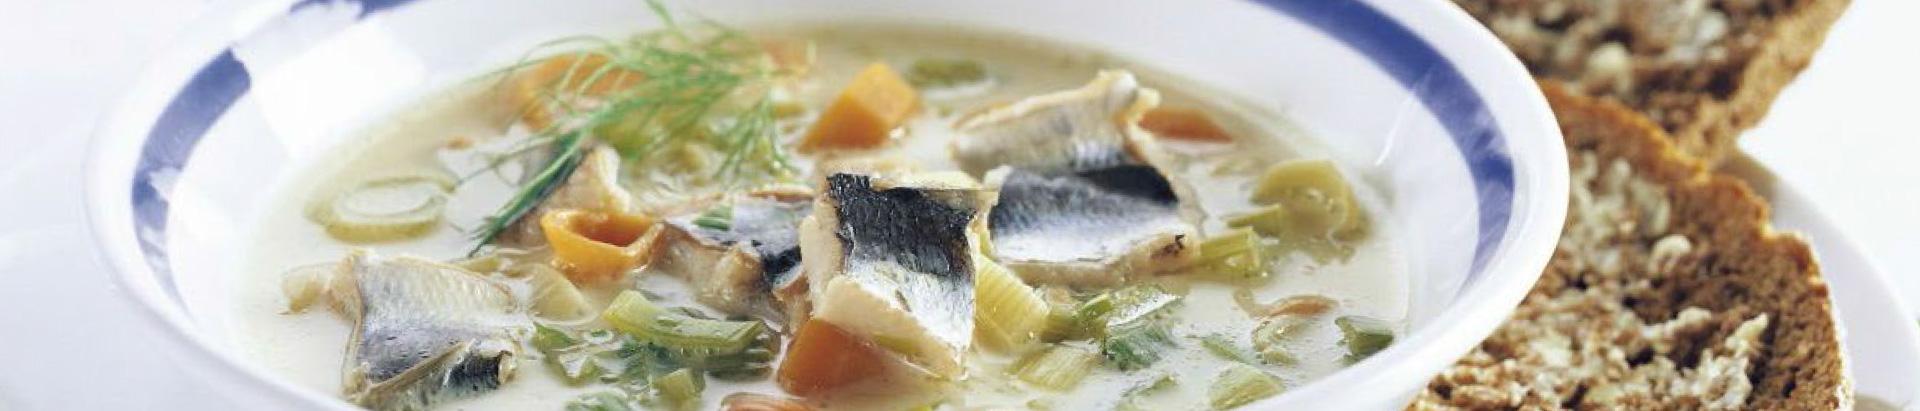 Lähikuva kalakeitosta lautasella